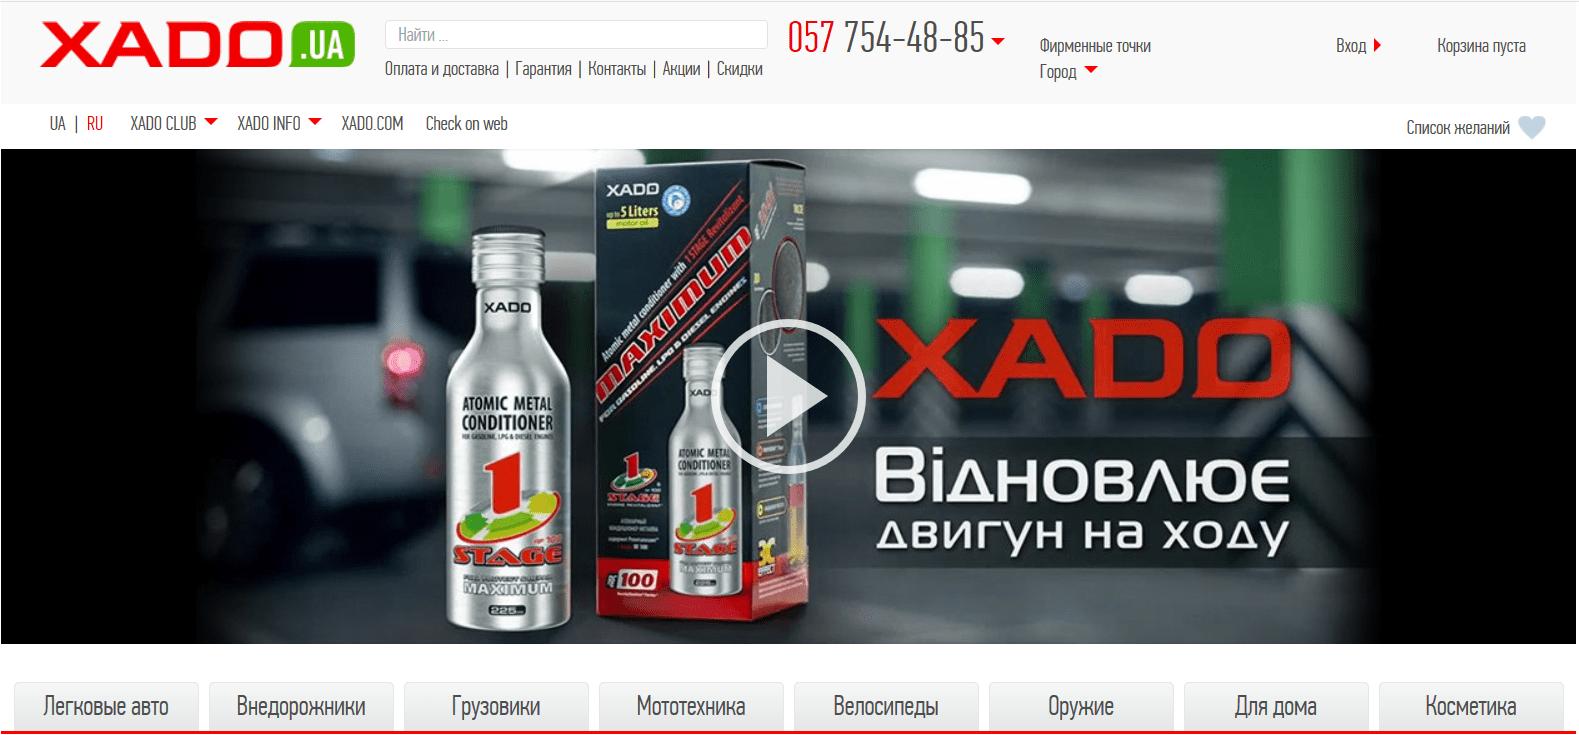 XADO.ua. Скриншот главной страницы